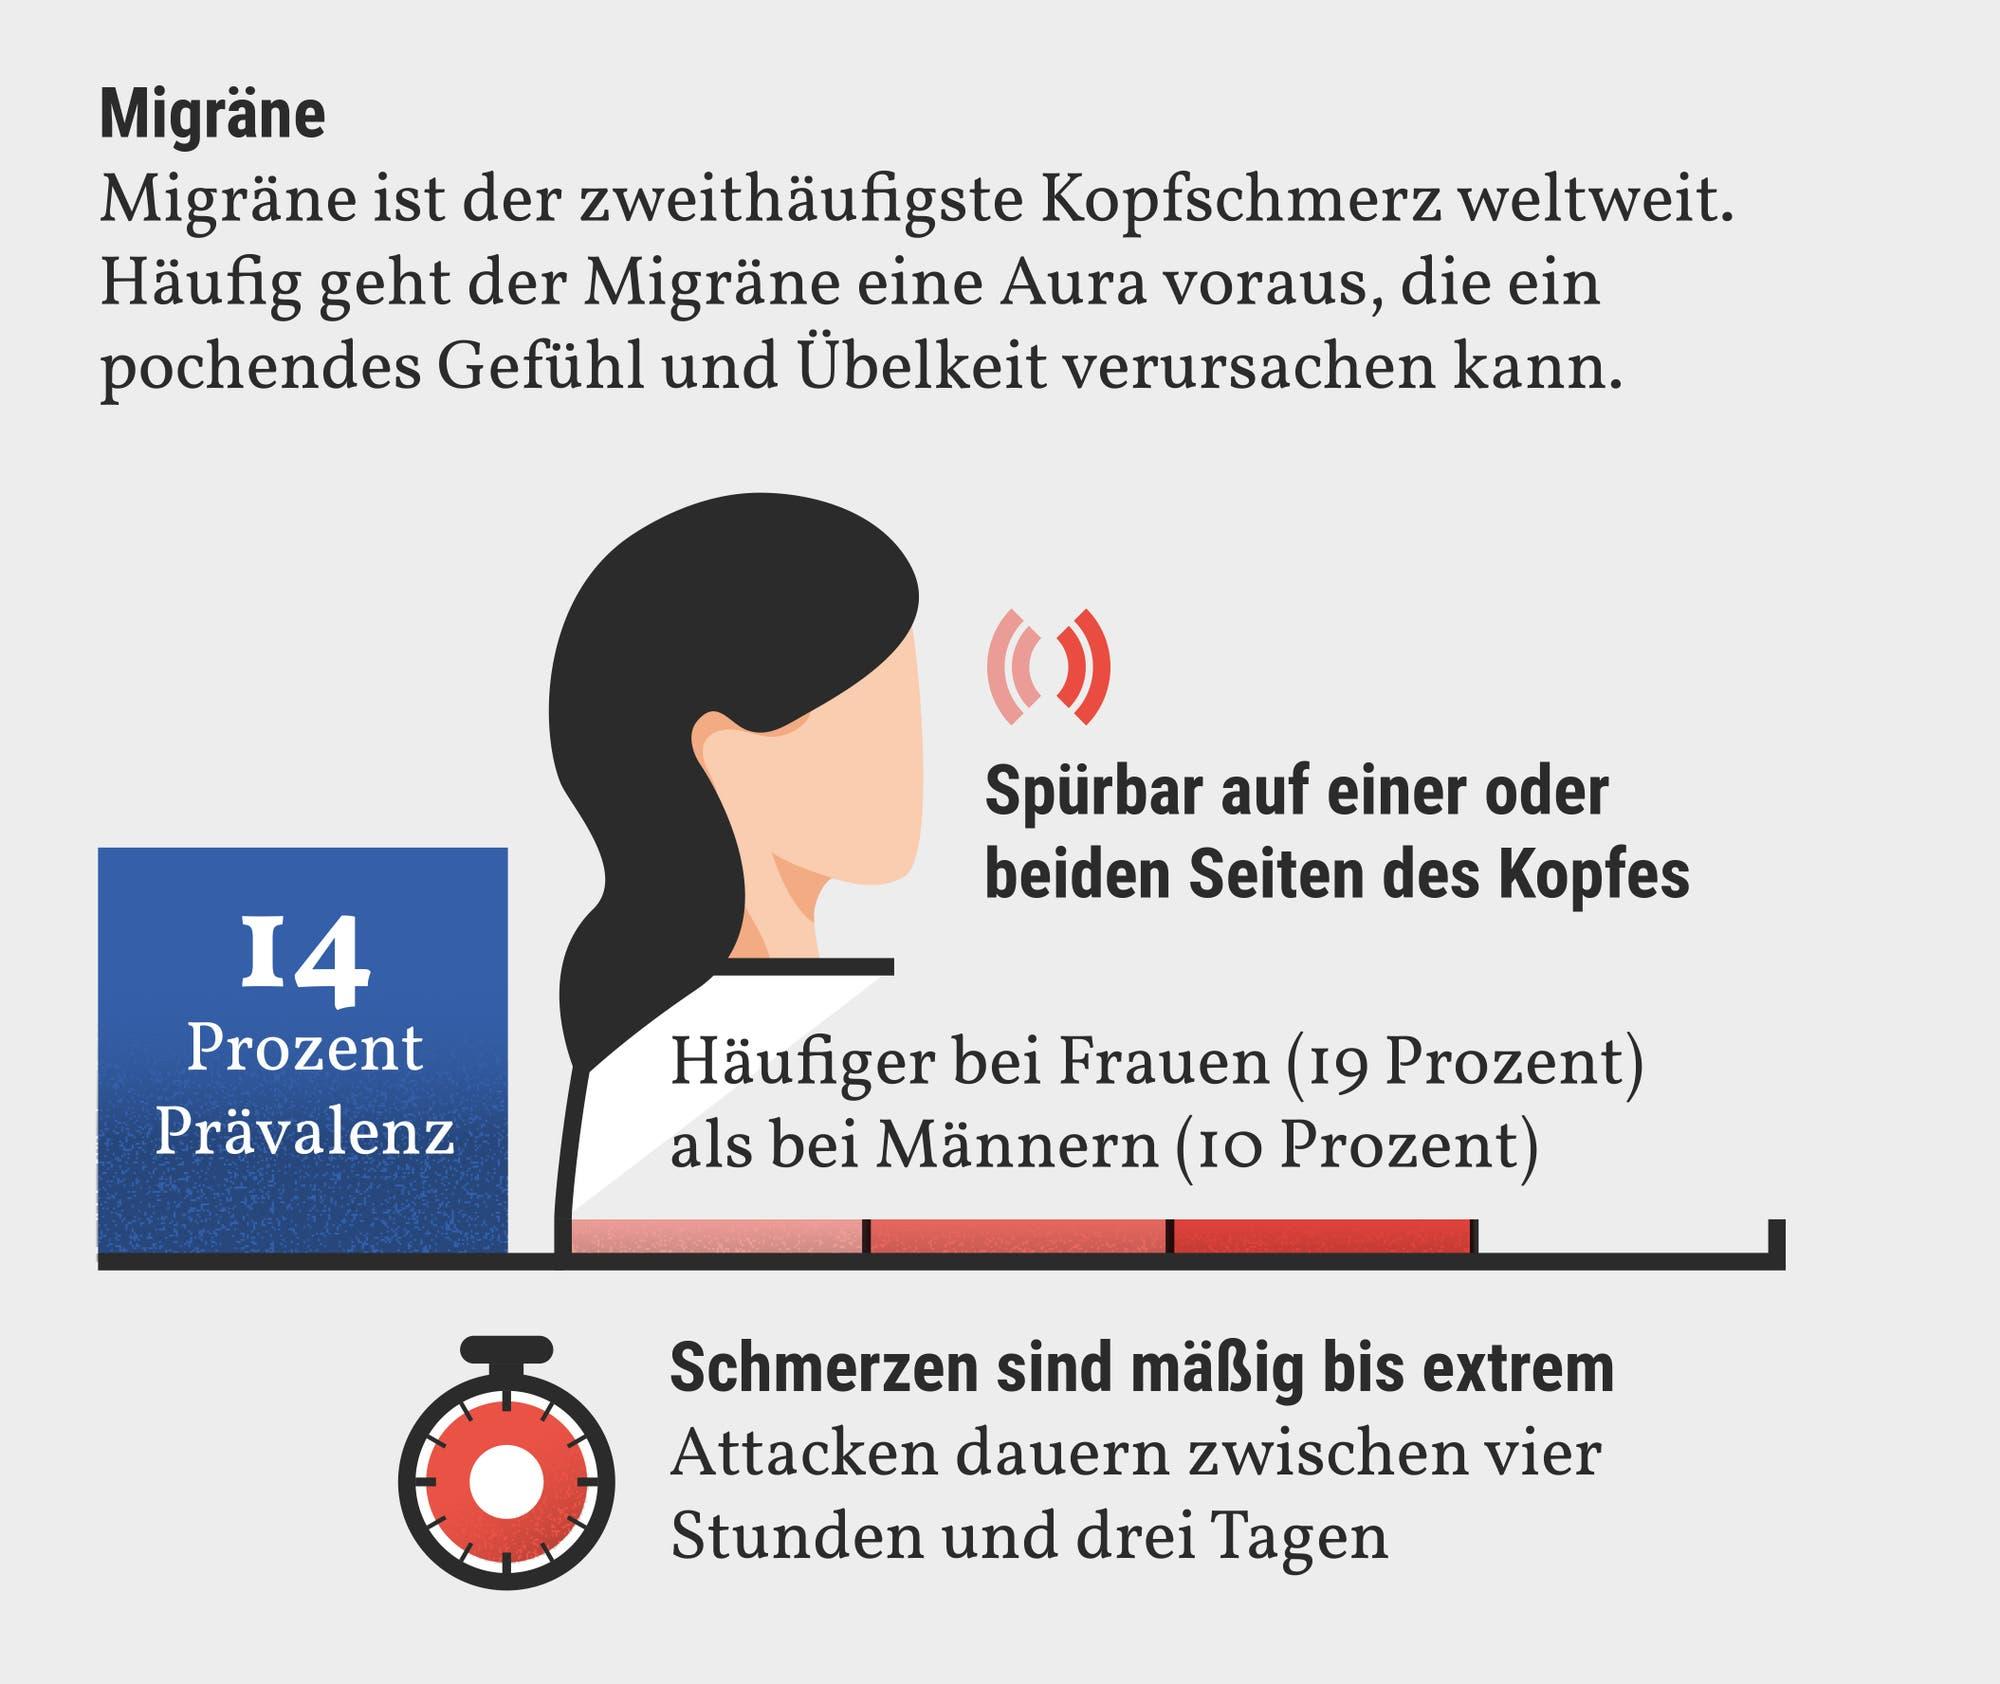 Migräne ist der zweithäufigste Kopfschmerz welterit. Häufig geht ihr eine Aura voraus.